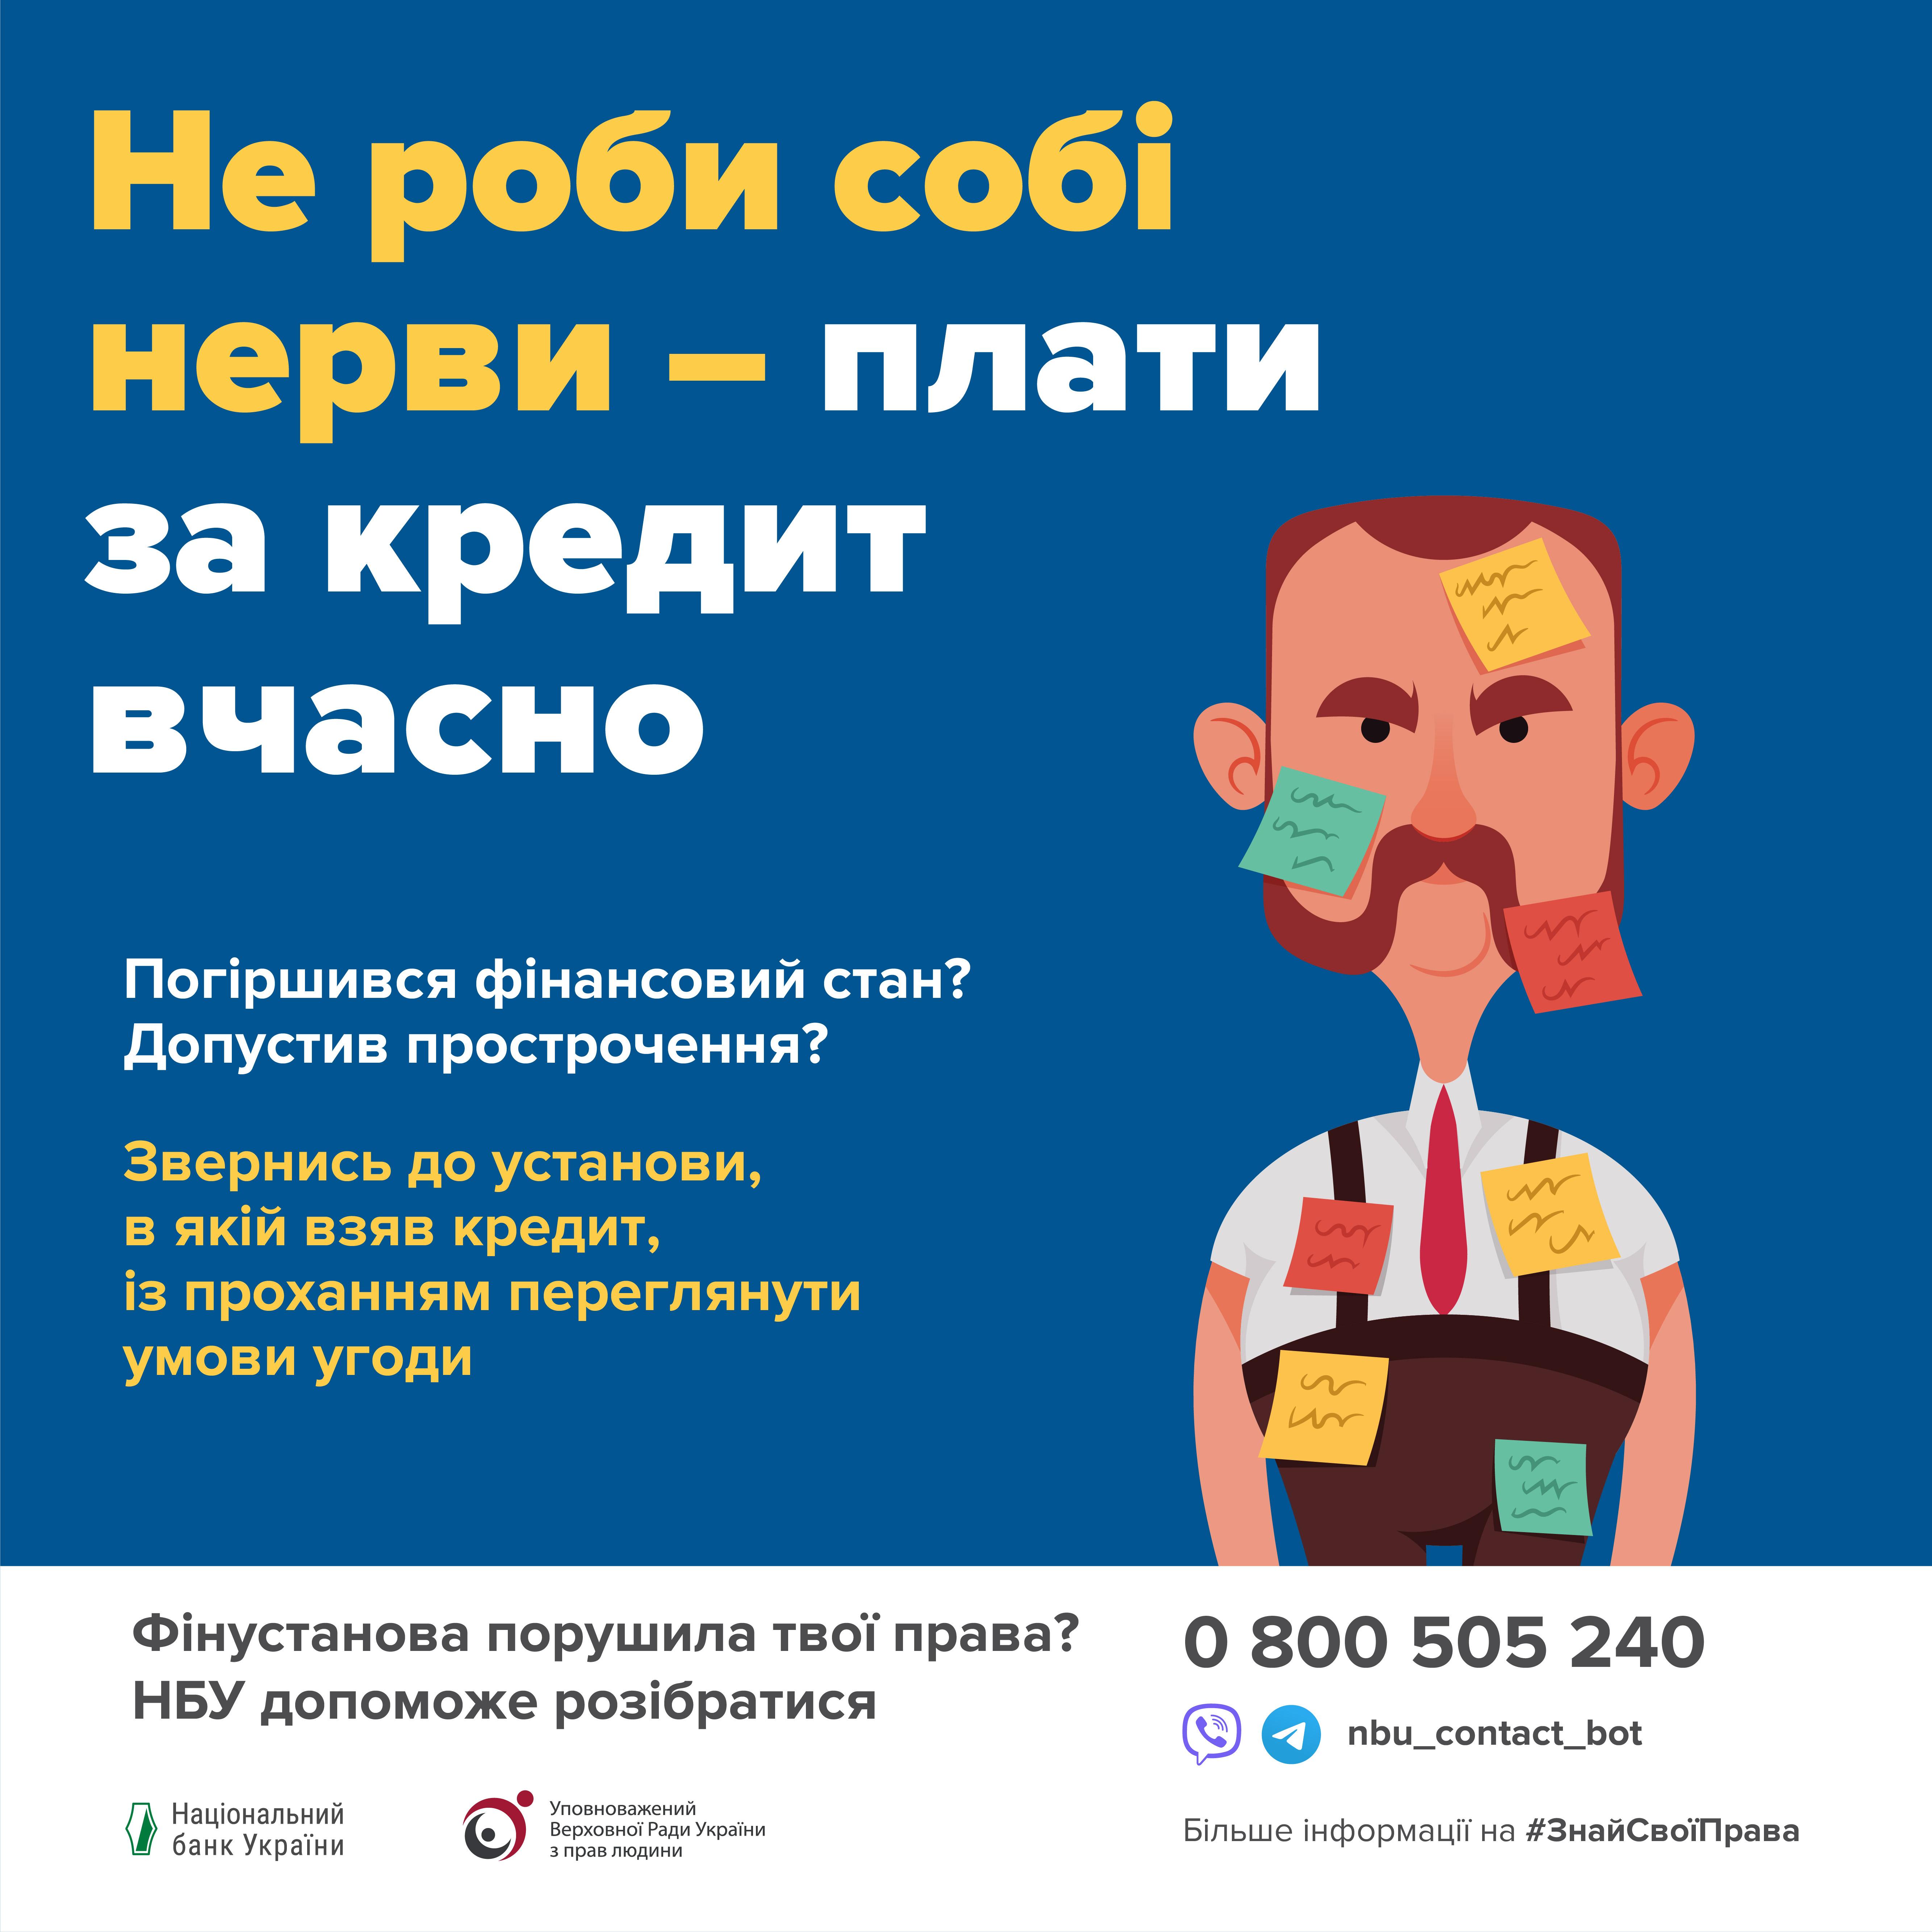 Финансовая компания «Благо» стала участником всеукраинской информационной кампании  НБУ